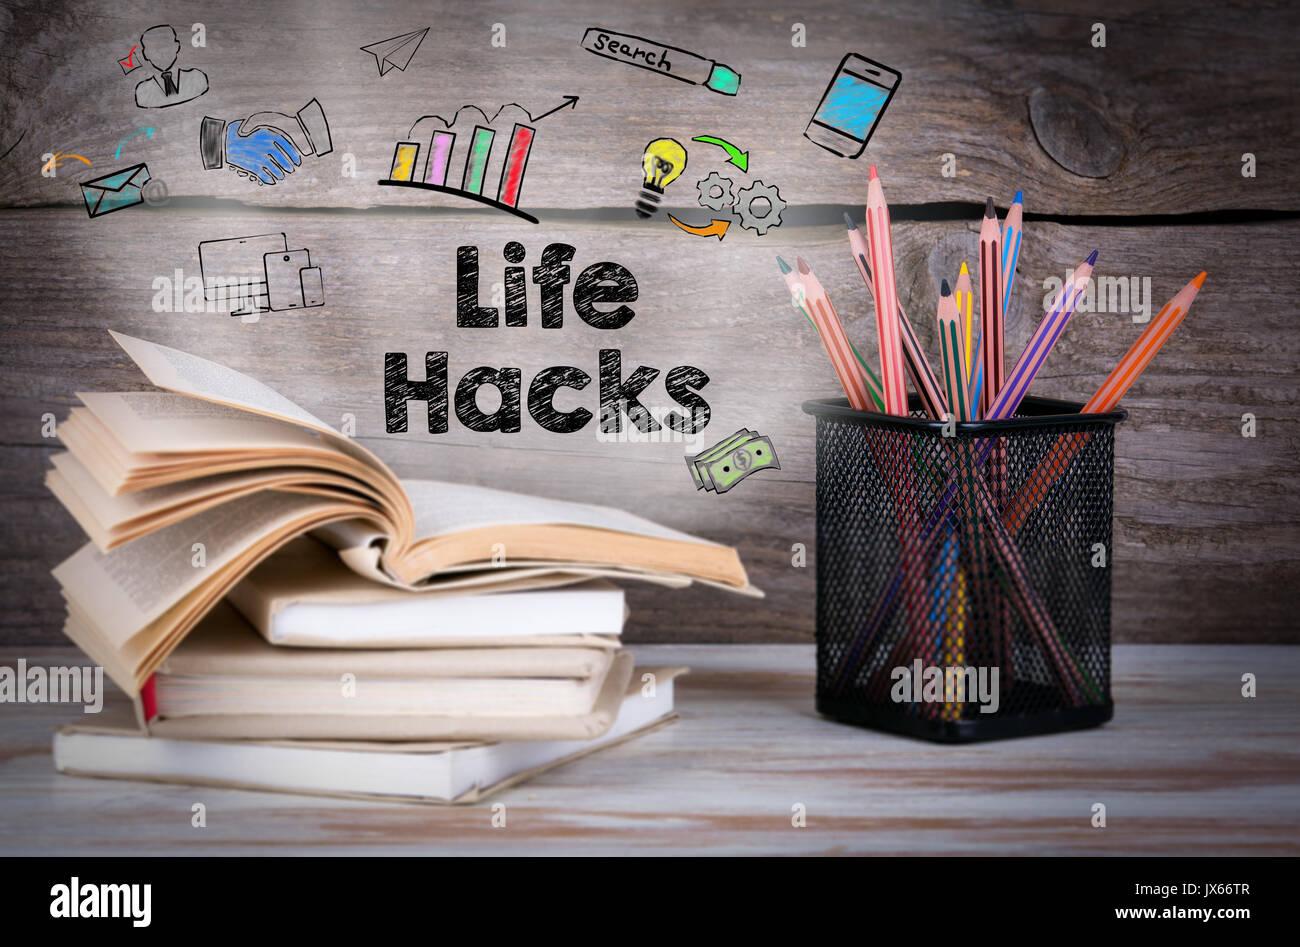 La vida Hacks. Pila de libros y lápices en la mesa de madera. Imagen De Stock